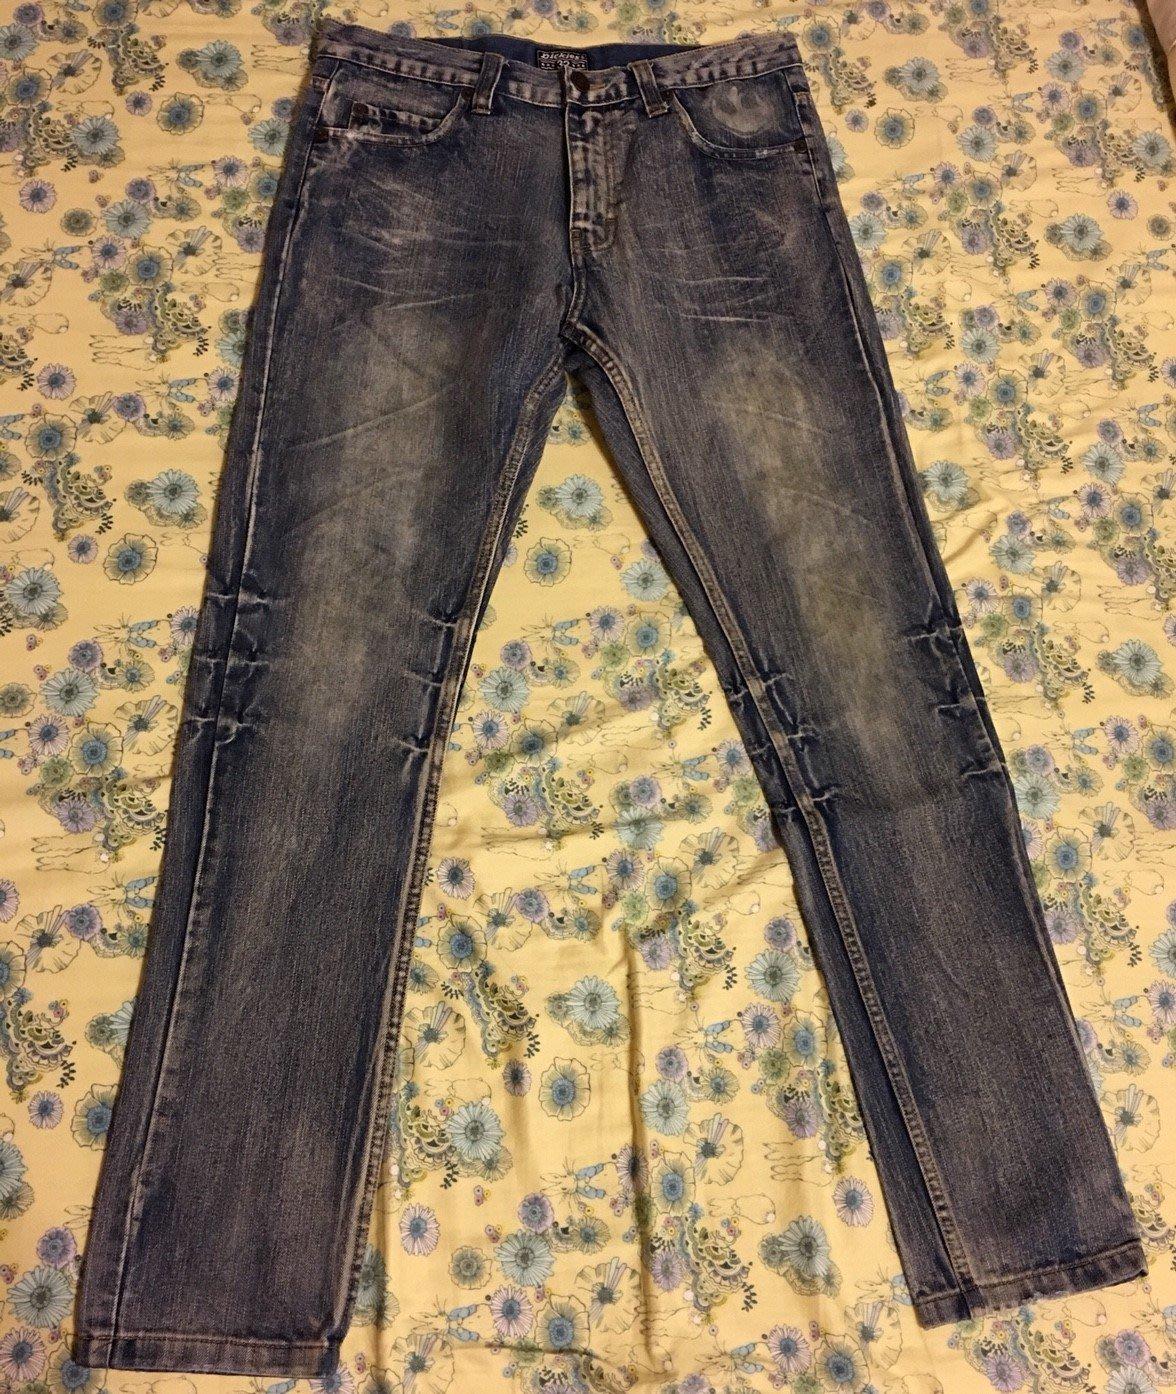 優質古著 美國 經典老牌 Dickies 星際大戰 聯名款 窄版 破壞 牛仔褲 SIZE 32